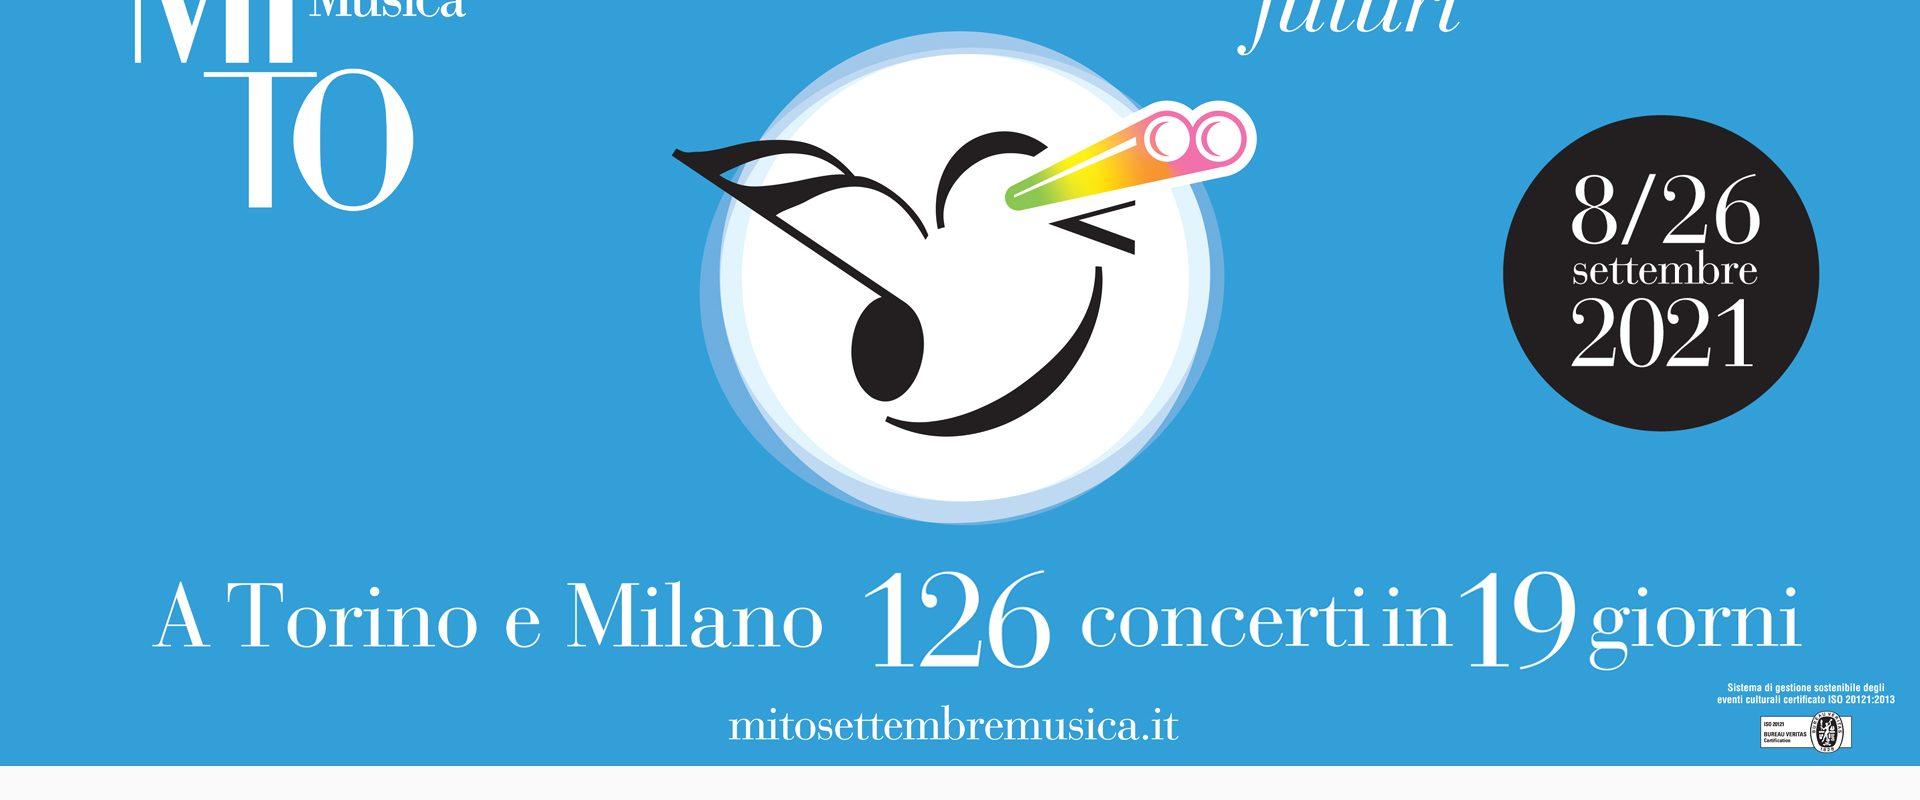 Mito SettembreMusica 2021 – Aperta la vendita dei biglietti